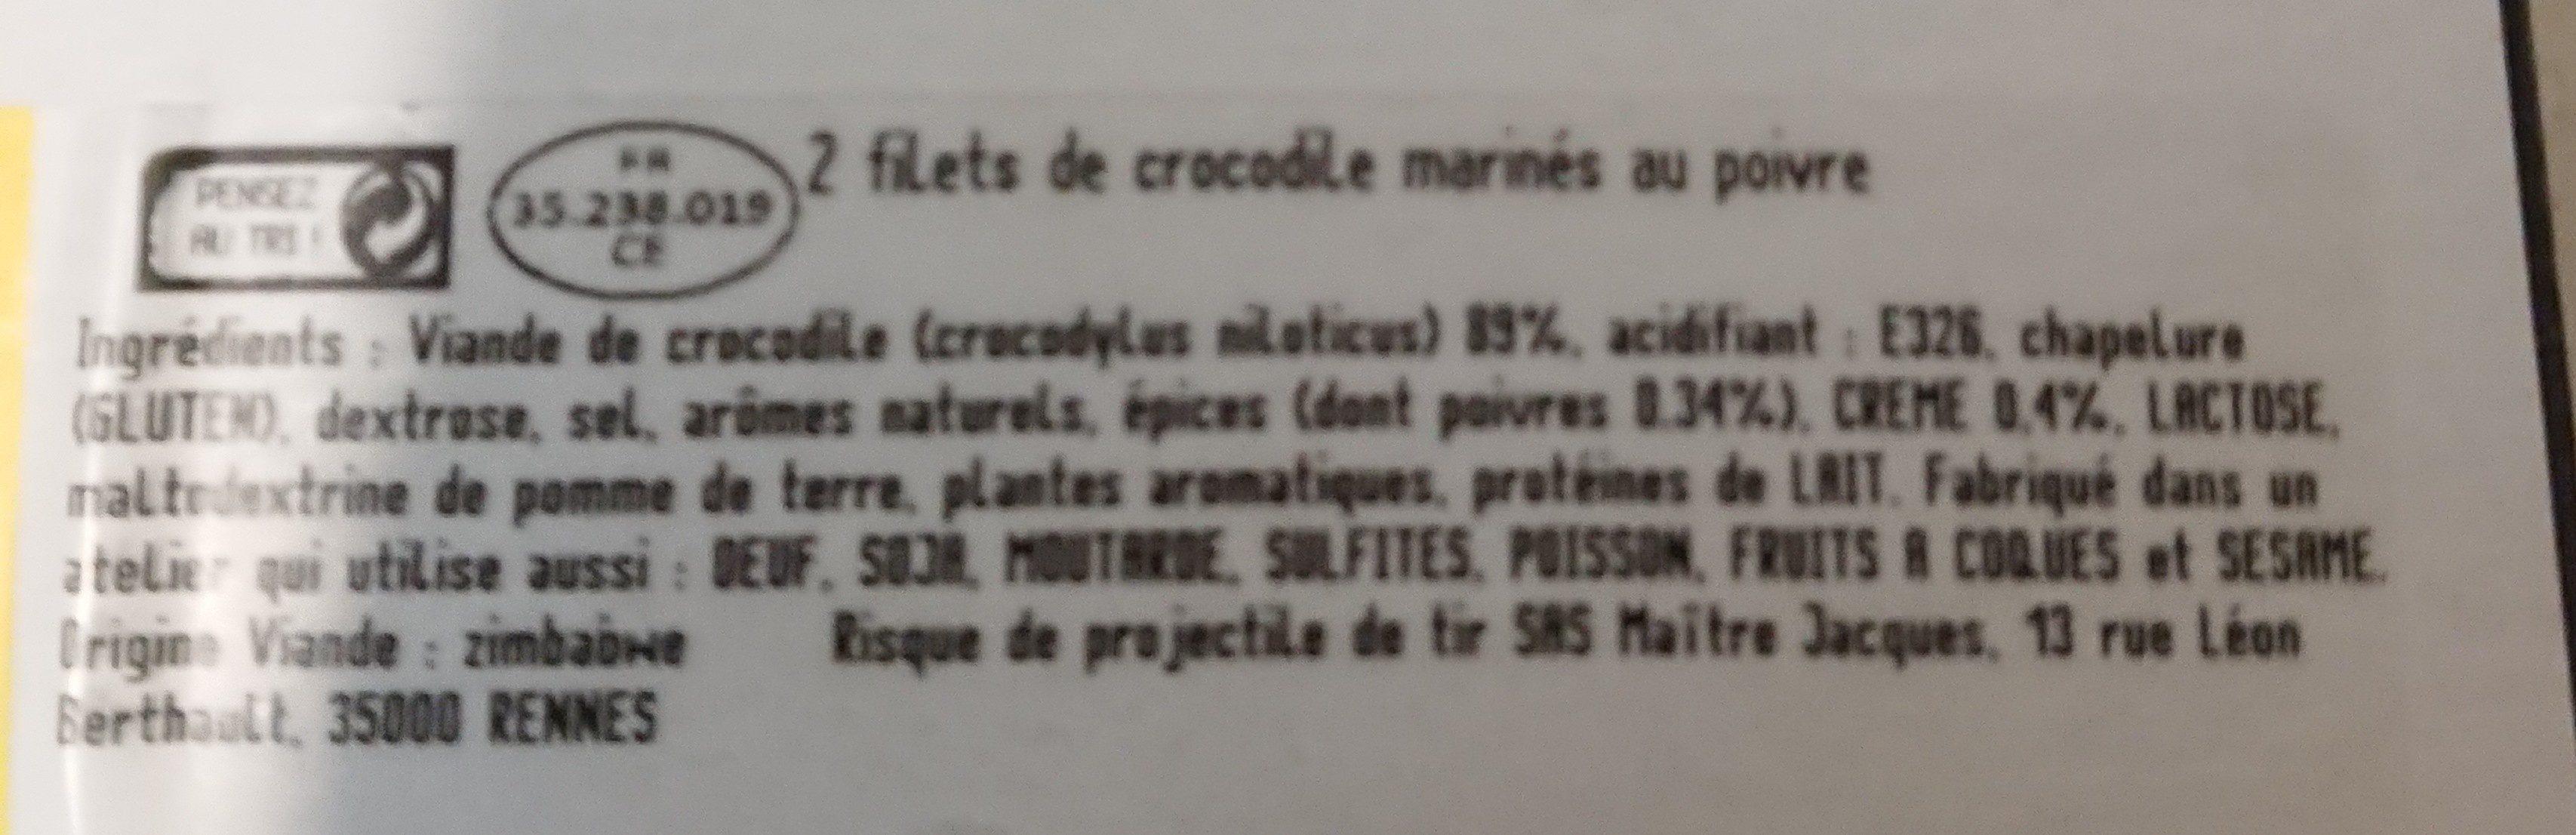 Filet de crocodile sauce poivre - Ingredients - fr